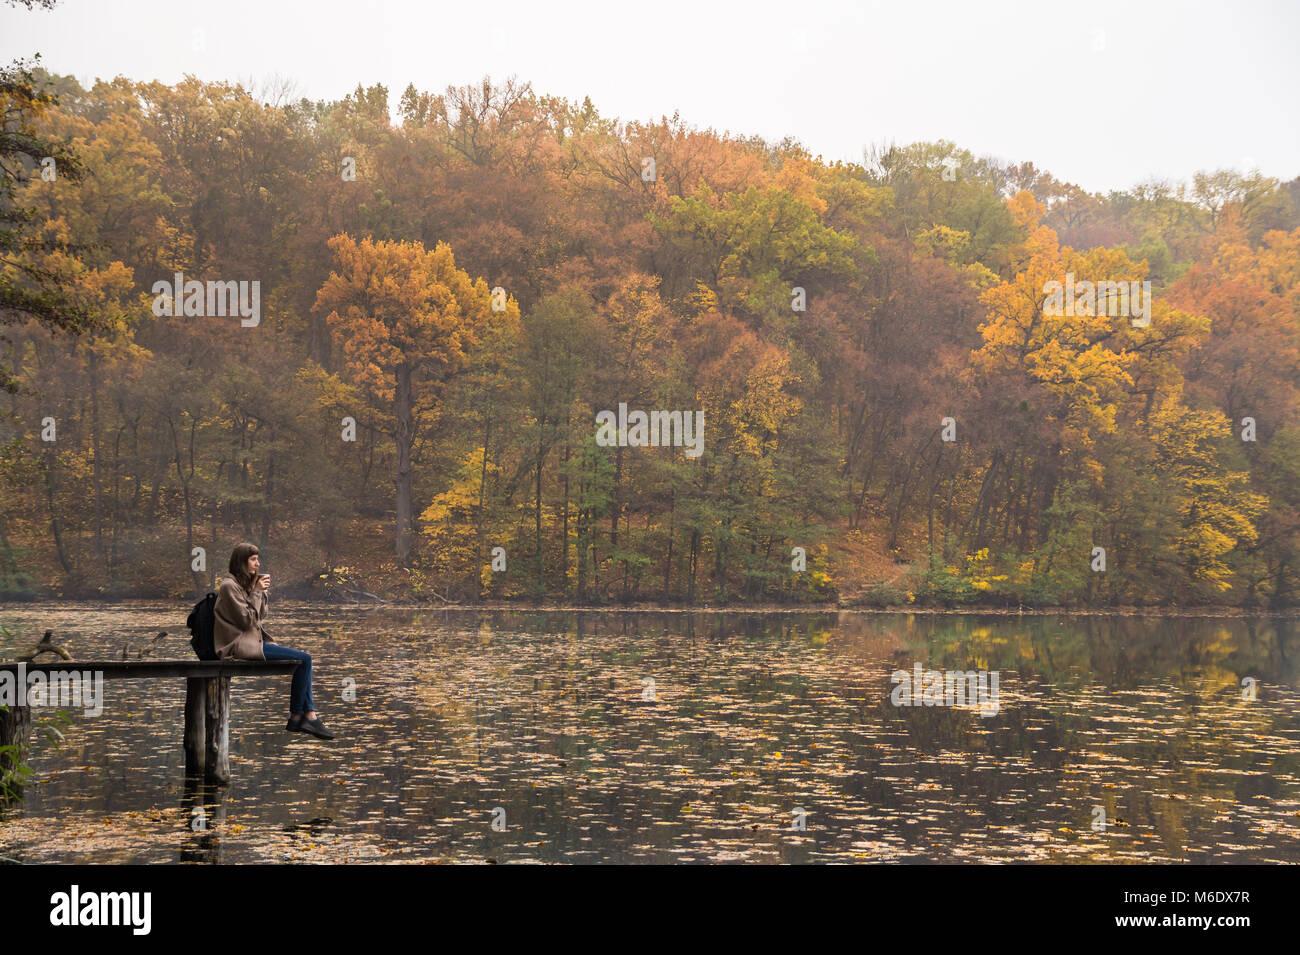 Chica goza de descanso y beba café cerca del lago, en el parque natural sobre el oro mellow día de otoño Imagen De Stock